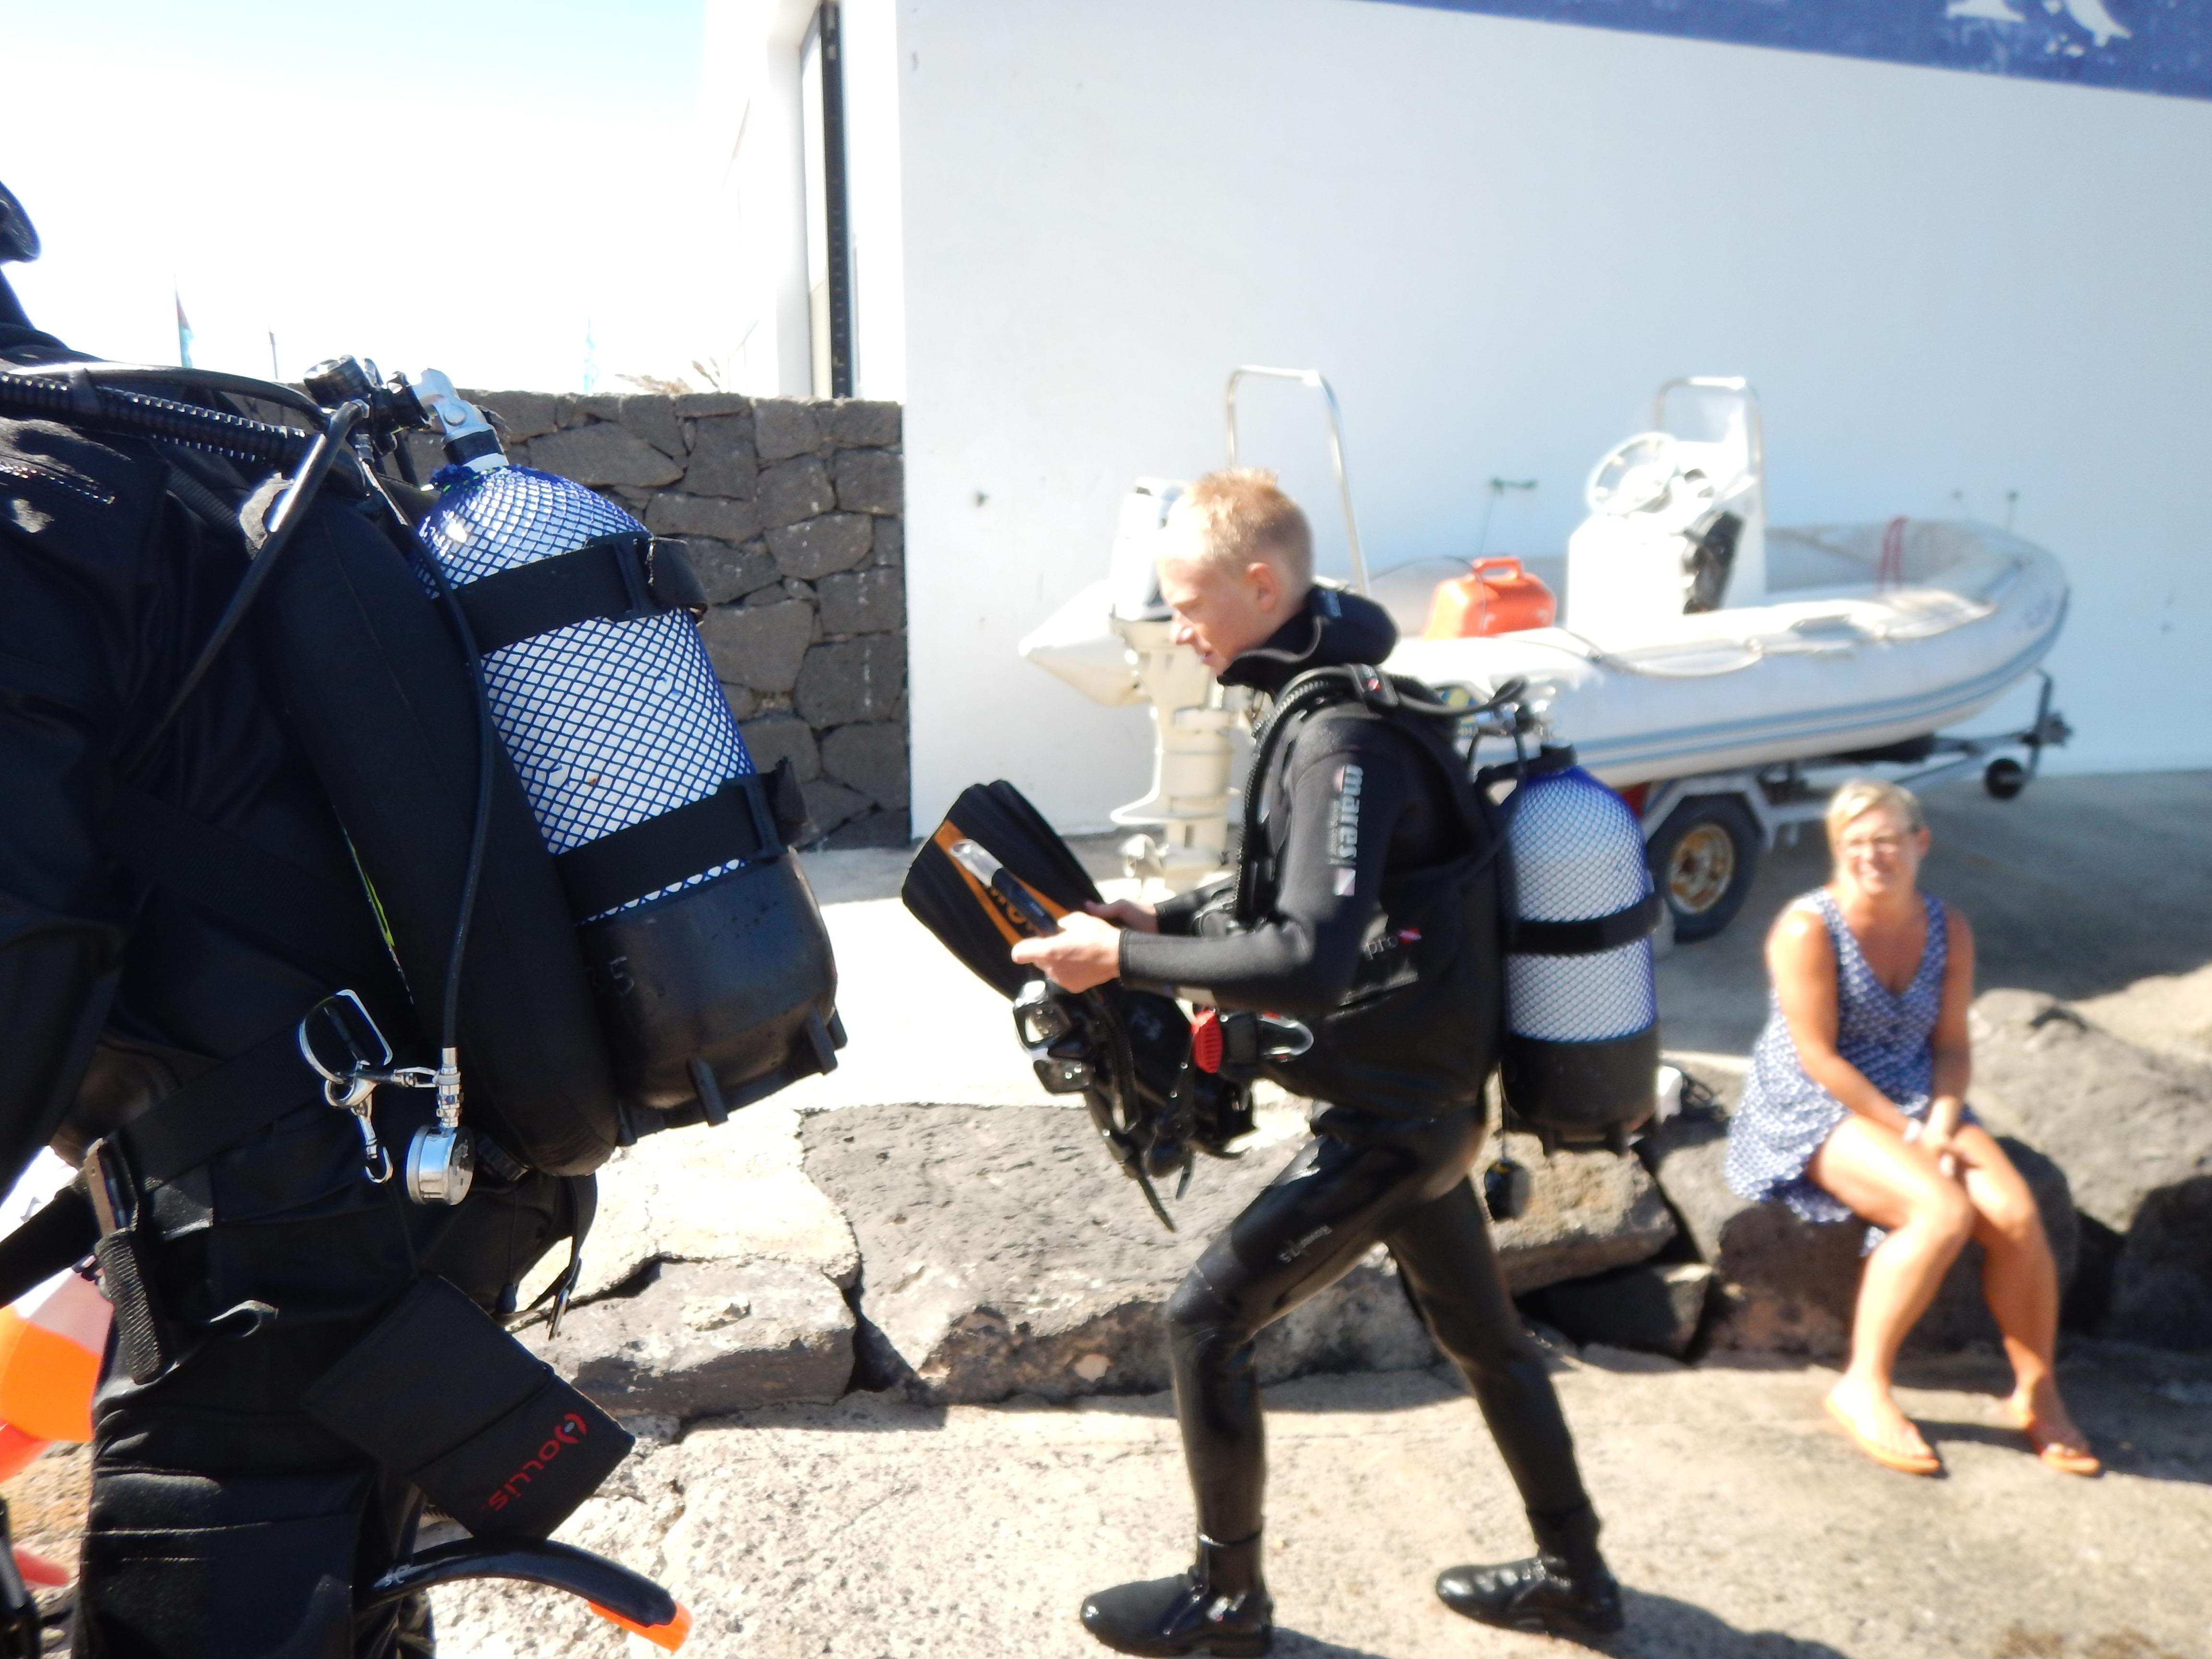 Dykkerelev på vej op efter første dyk.